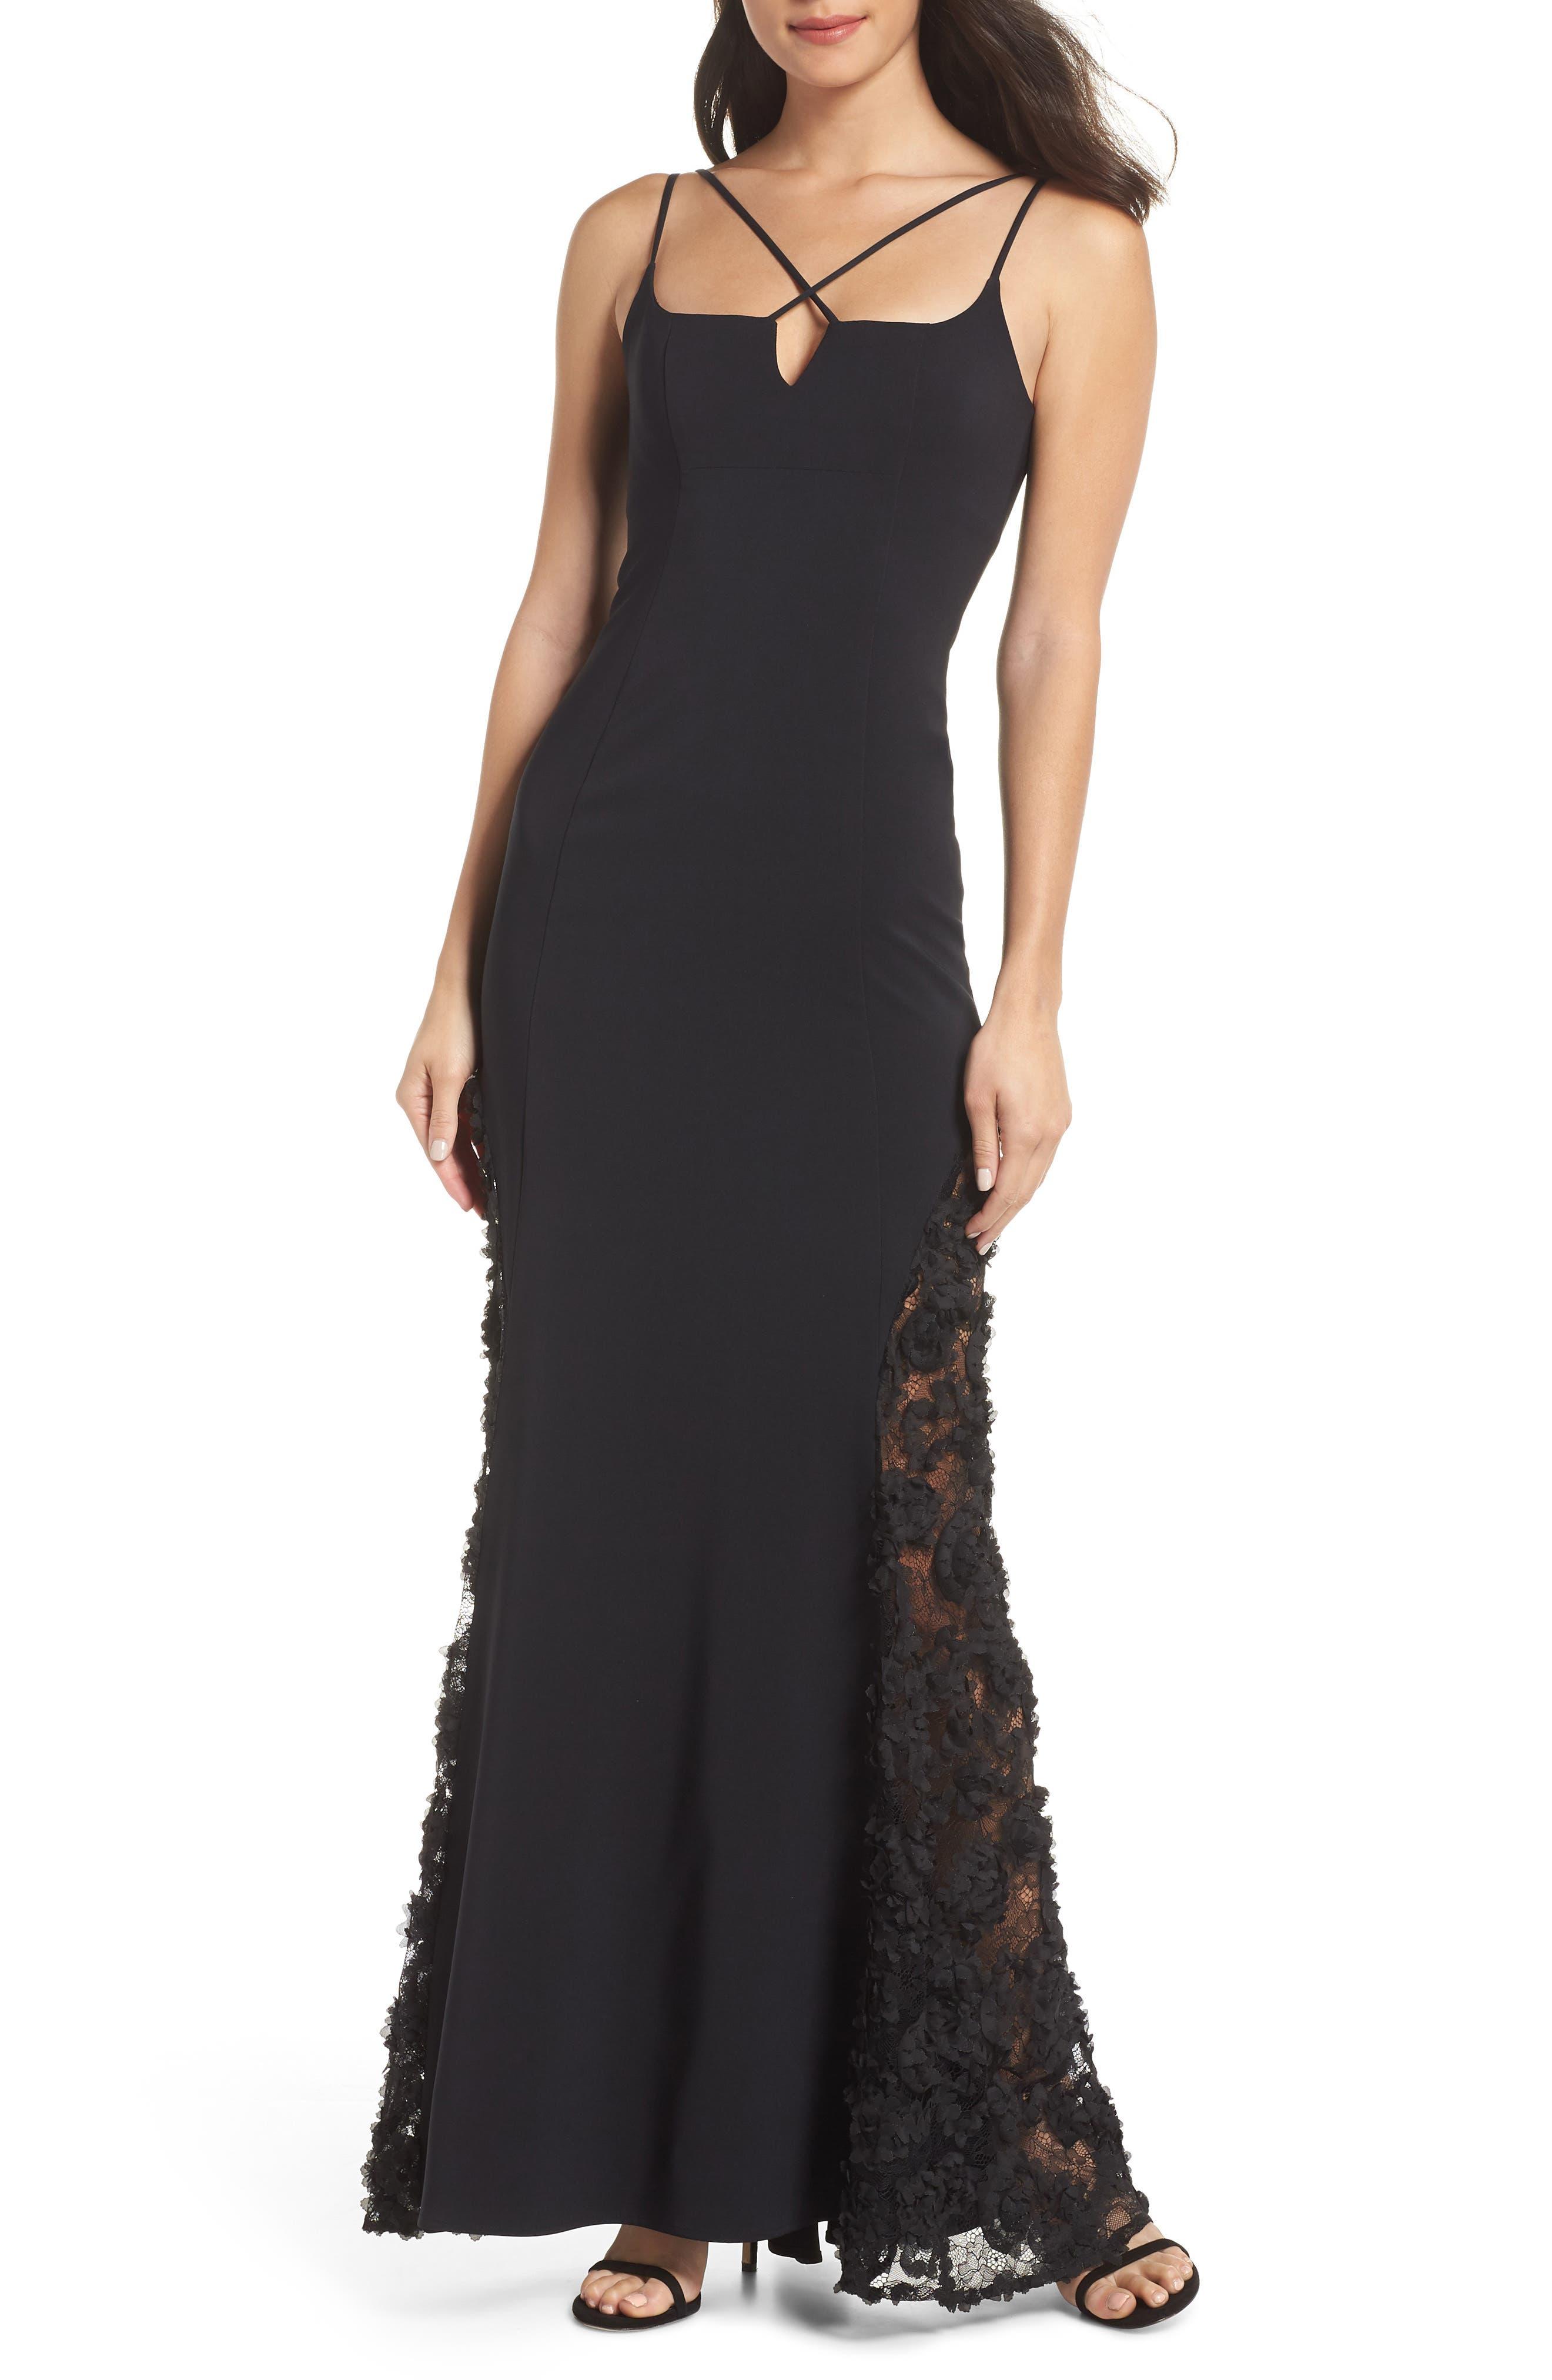 MARIA BIANCA NERO Mckenna Strappy Gown in Black